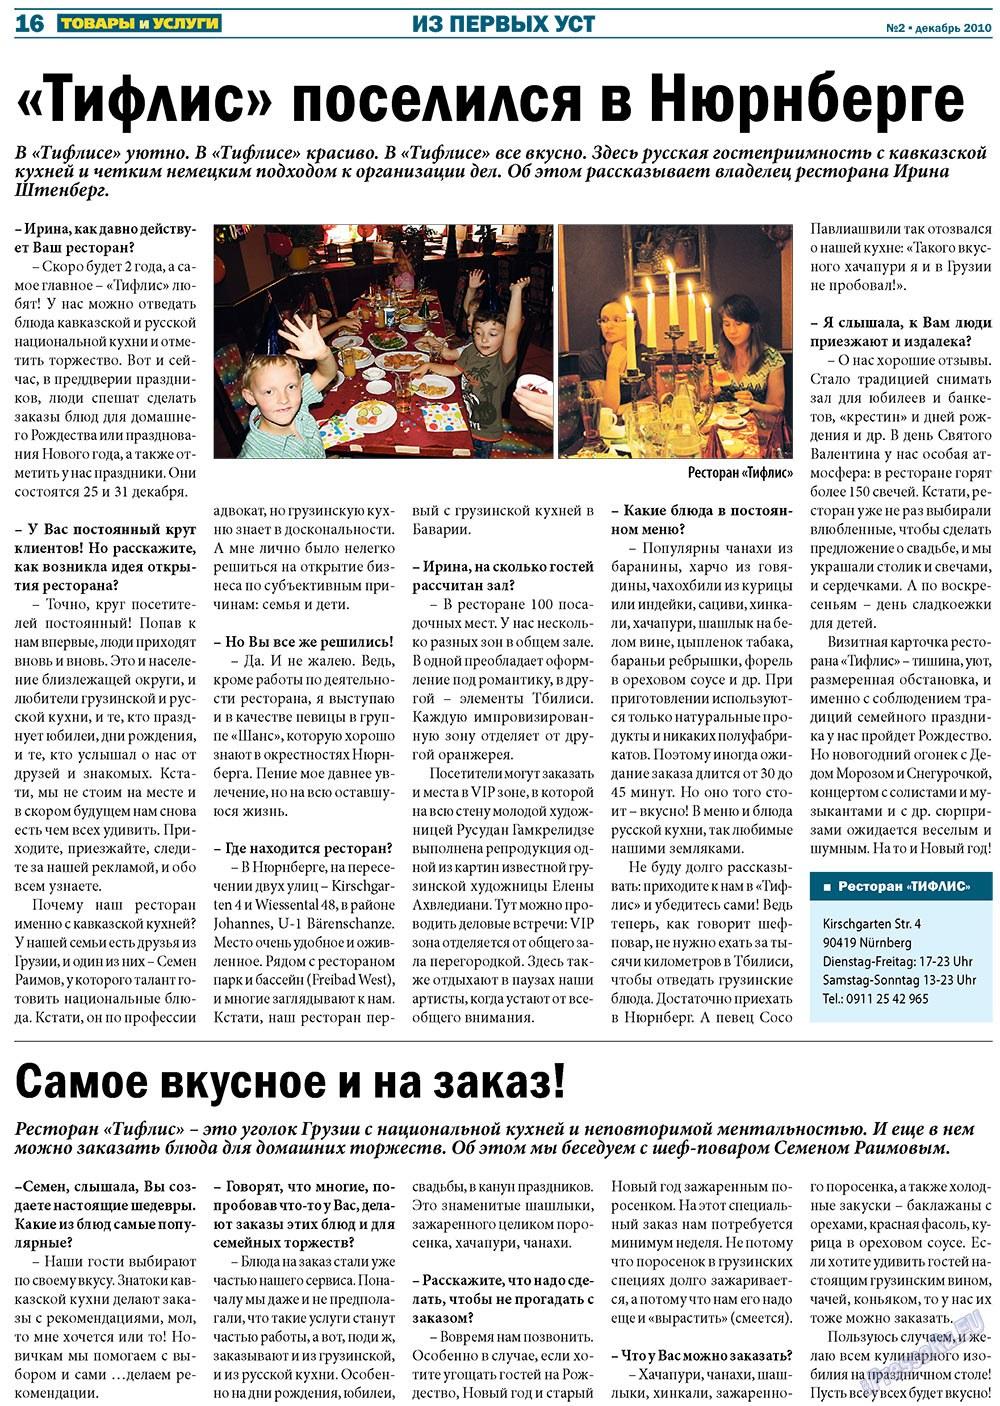 Товары и услуги (газета). 2010 год, номер 2, стр. 16